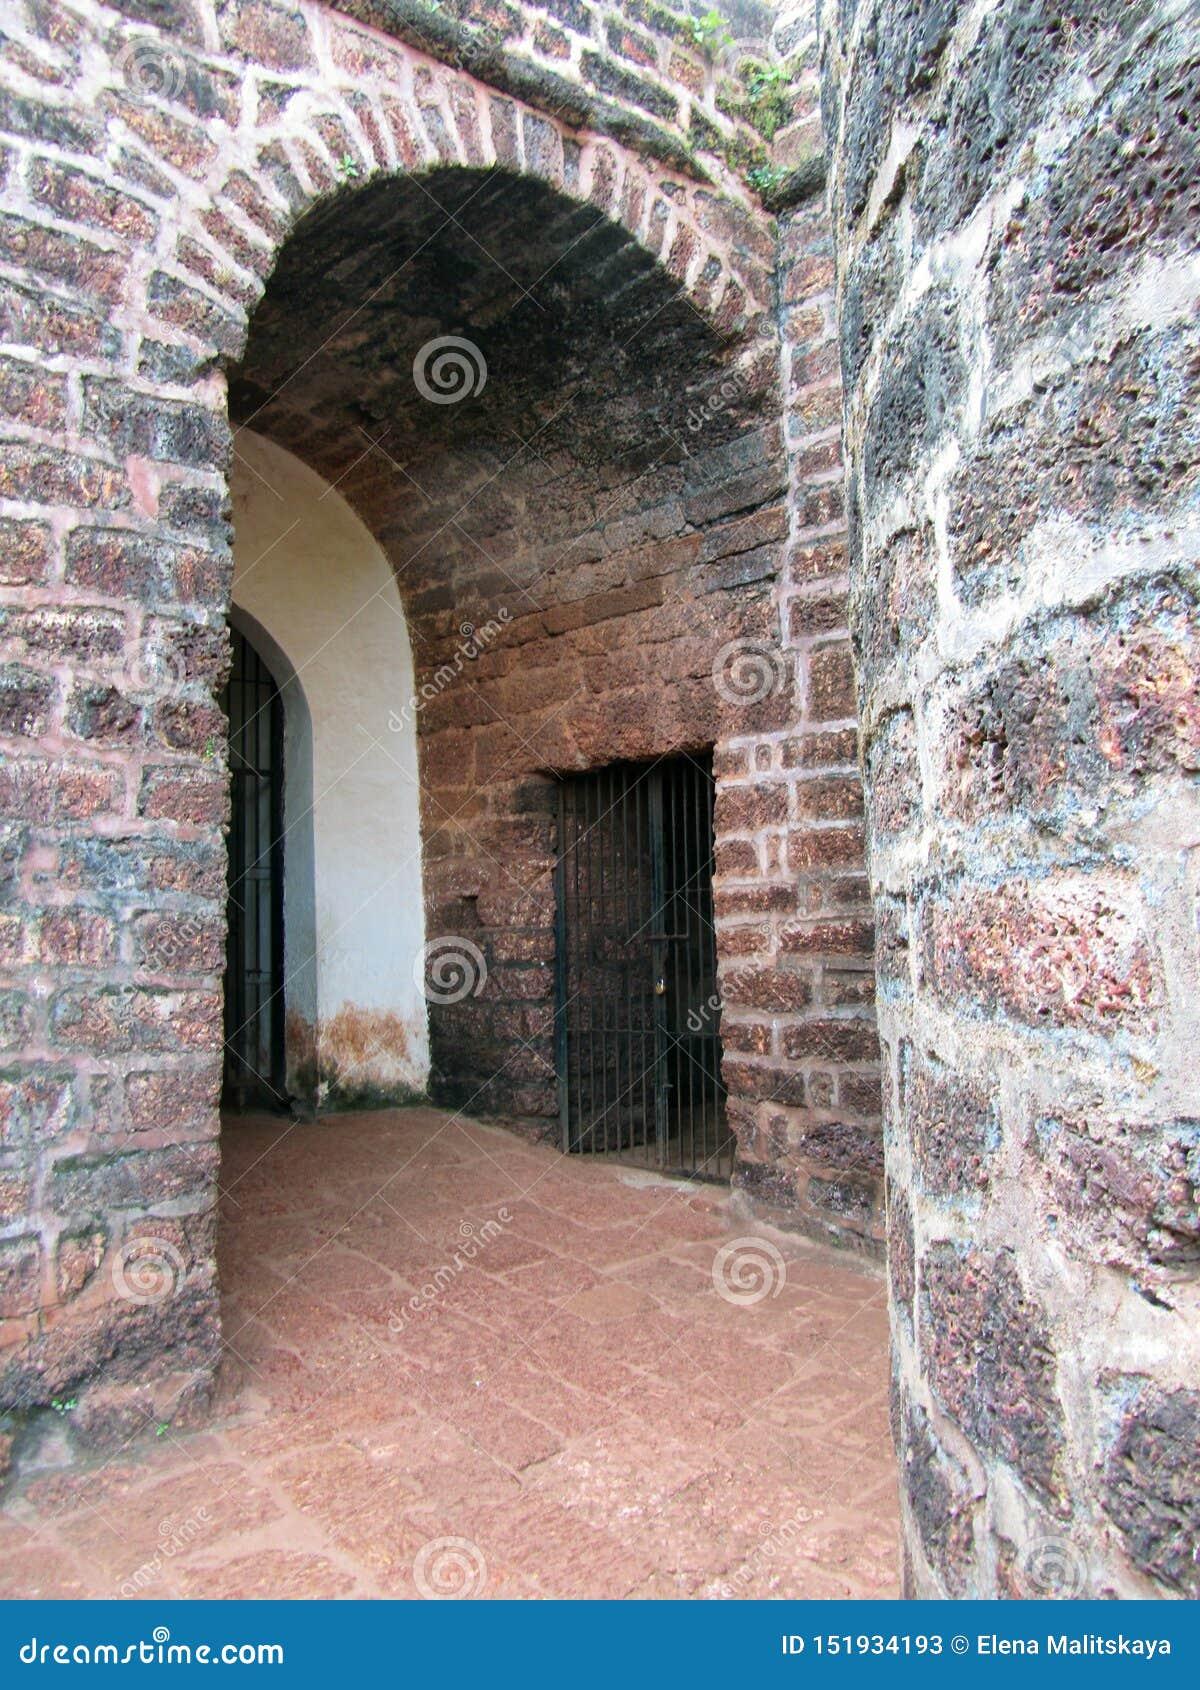 Die Stadtmauern, die Bögen und die Decken von großen braunen Steinen